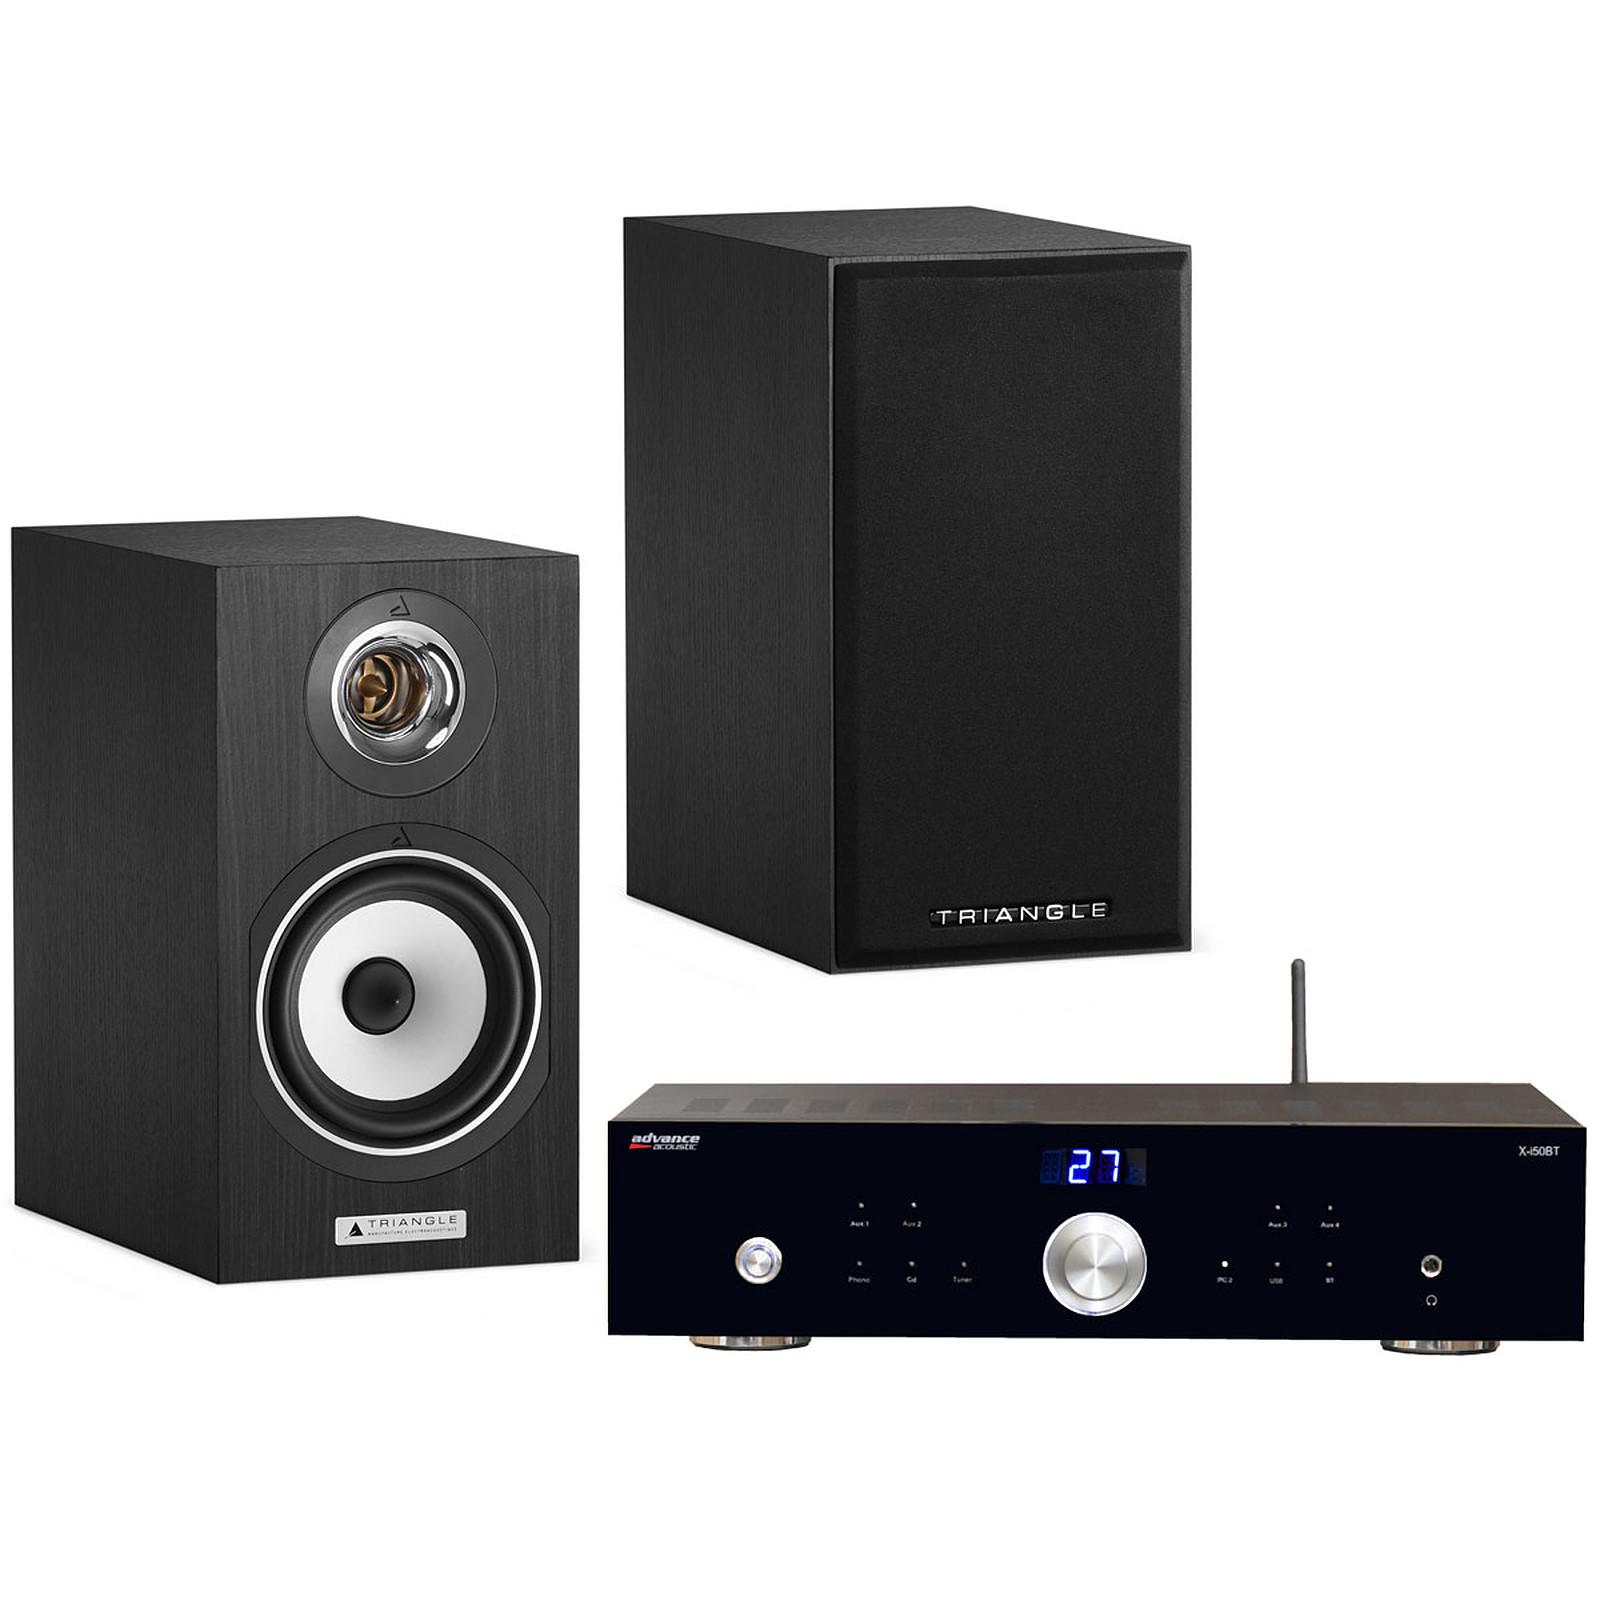 Advance Acoustic X-i50BT + Triangle Titus Ez Black Ash